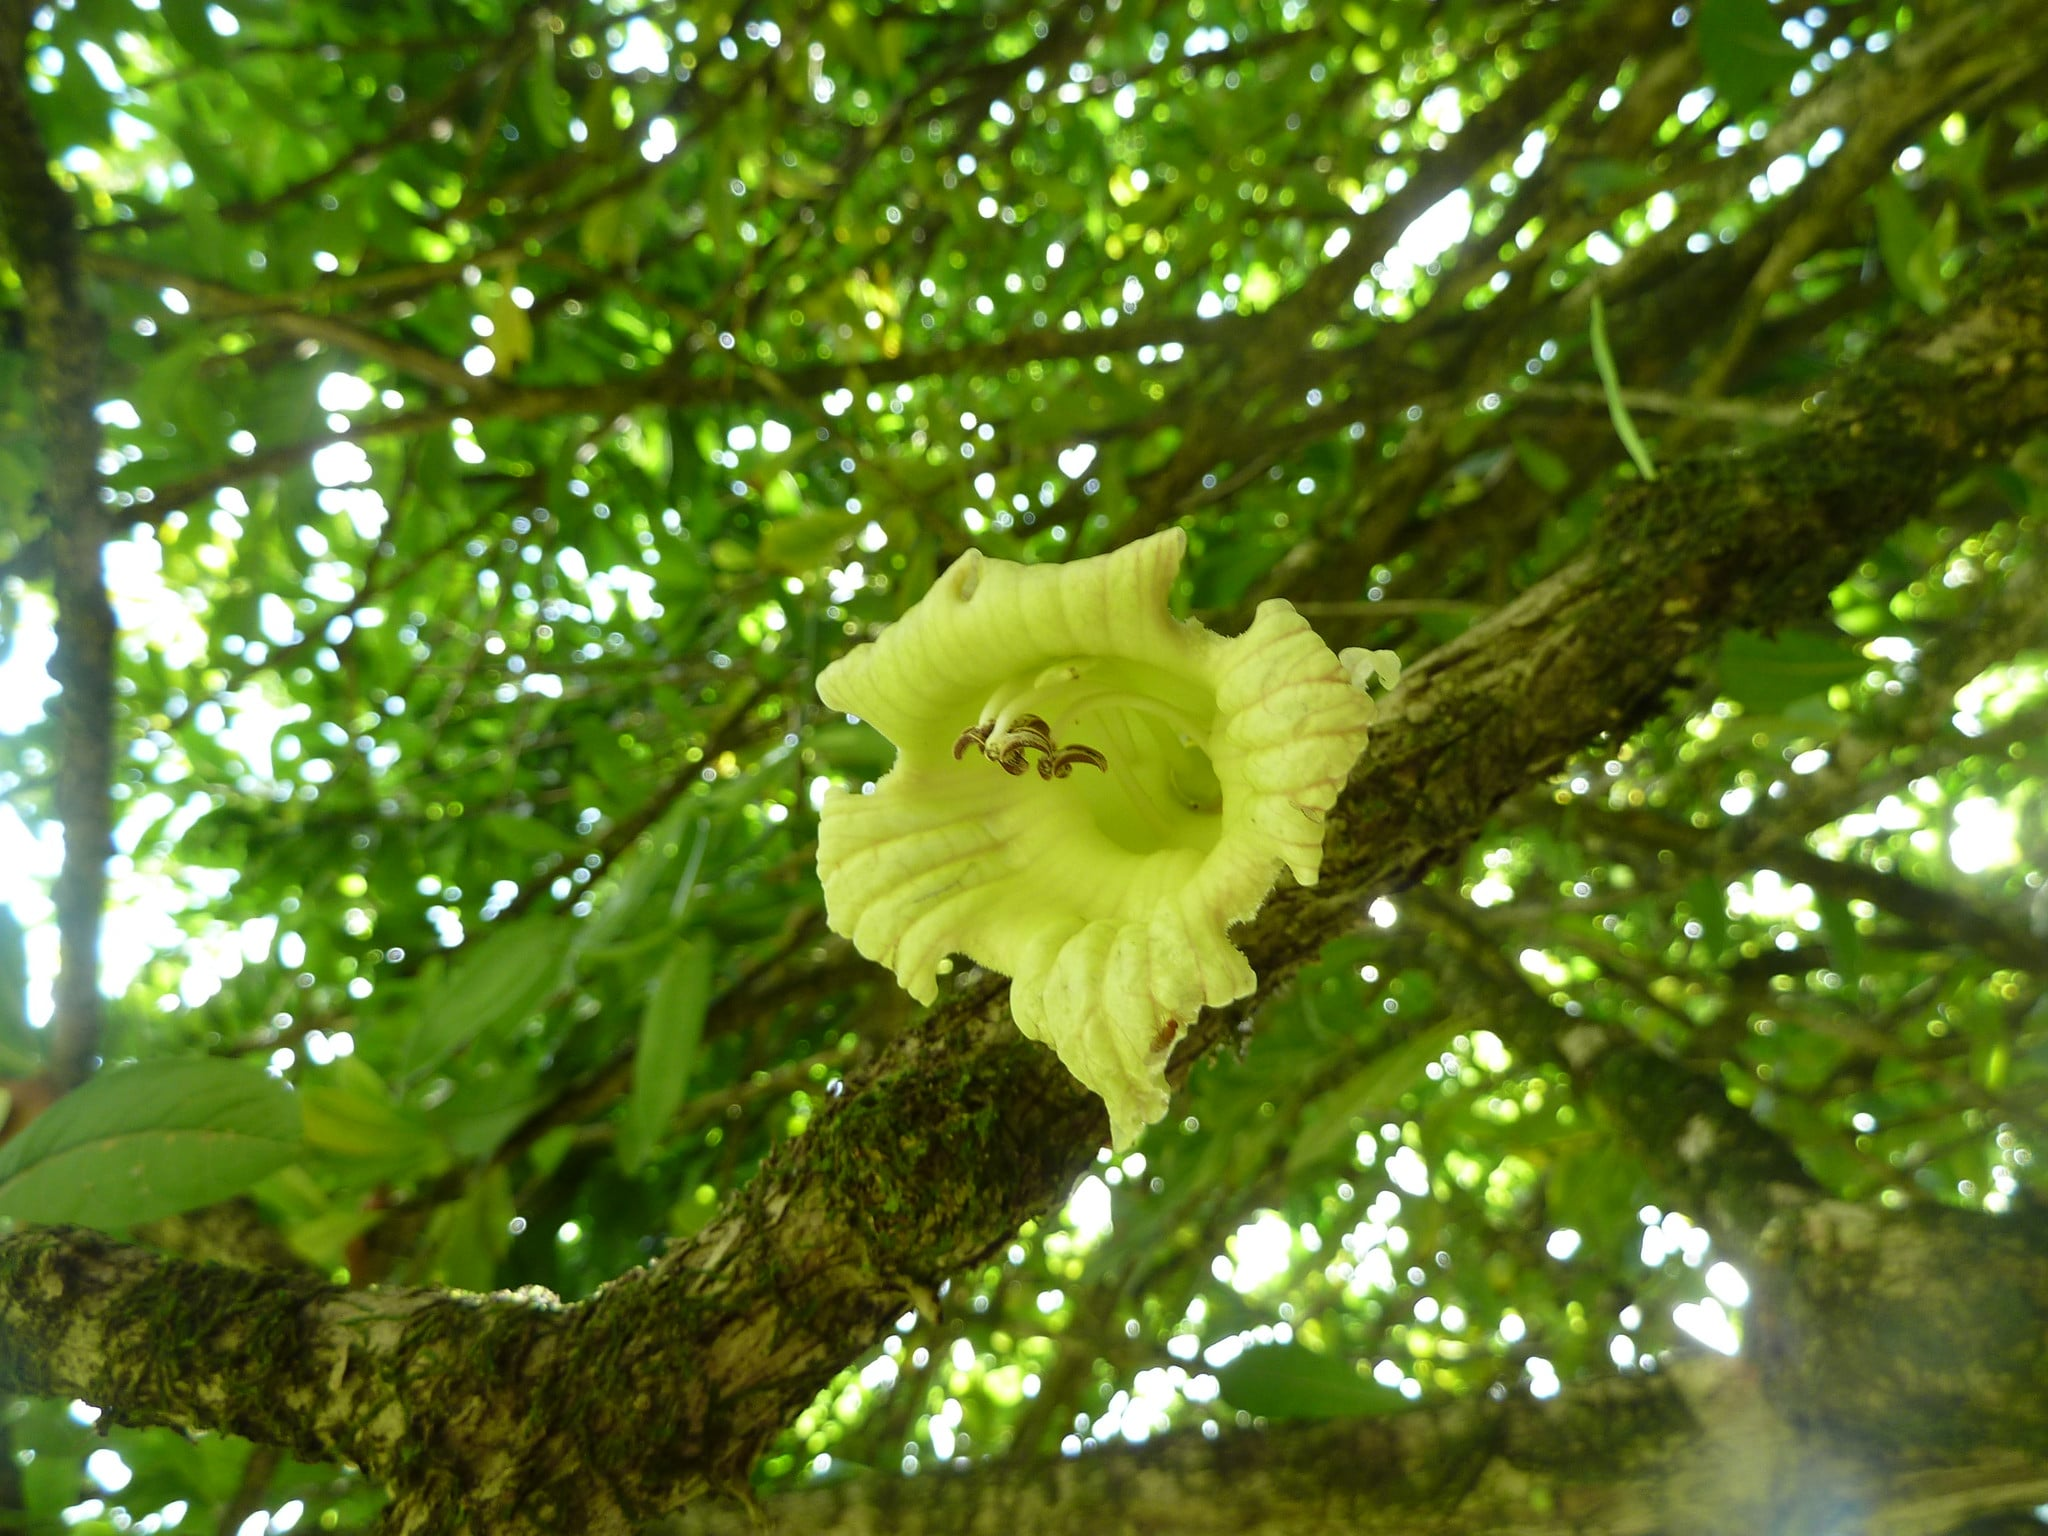 La flor del totumo es amarilla